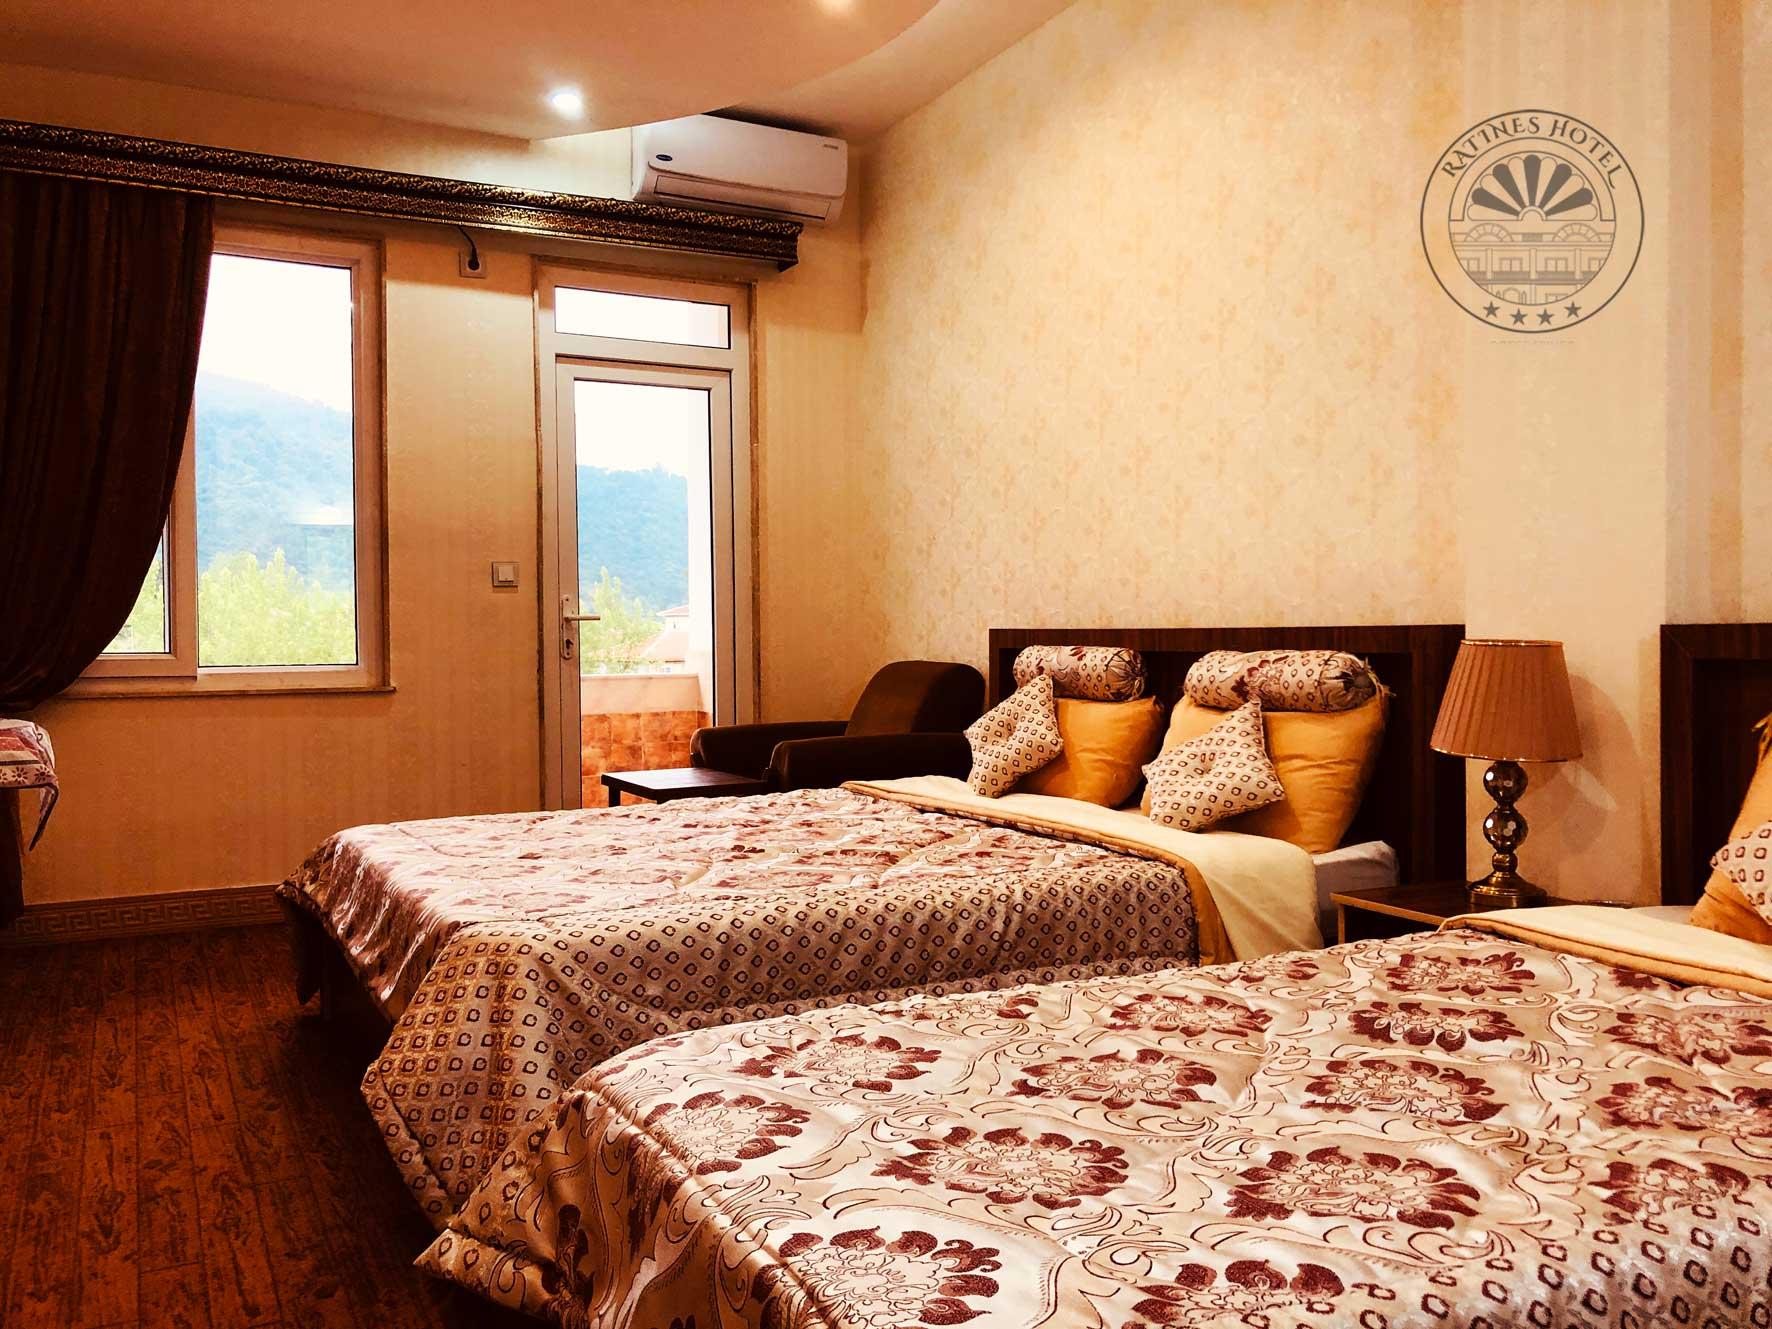 قیمت اتاقهای هتل راتینس شهریور ۹۹